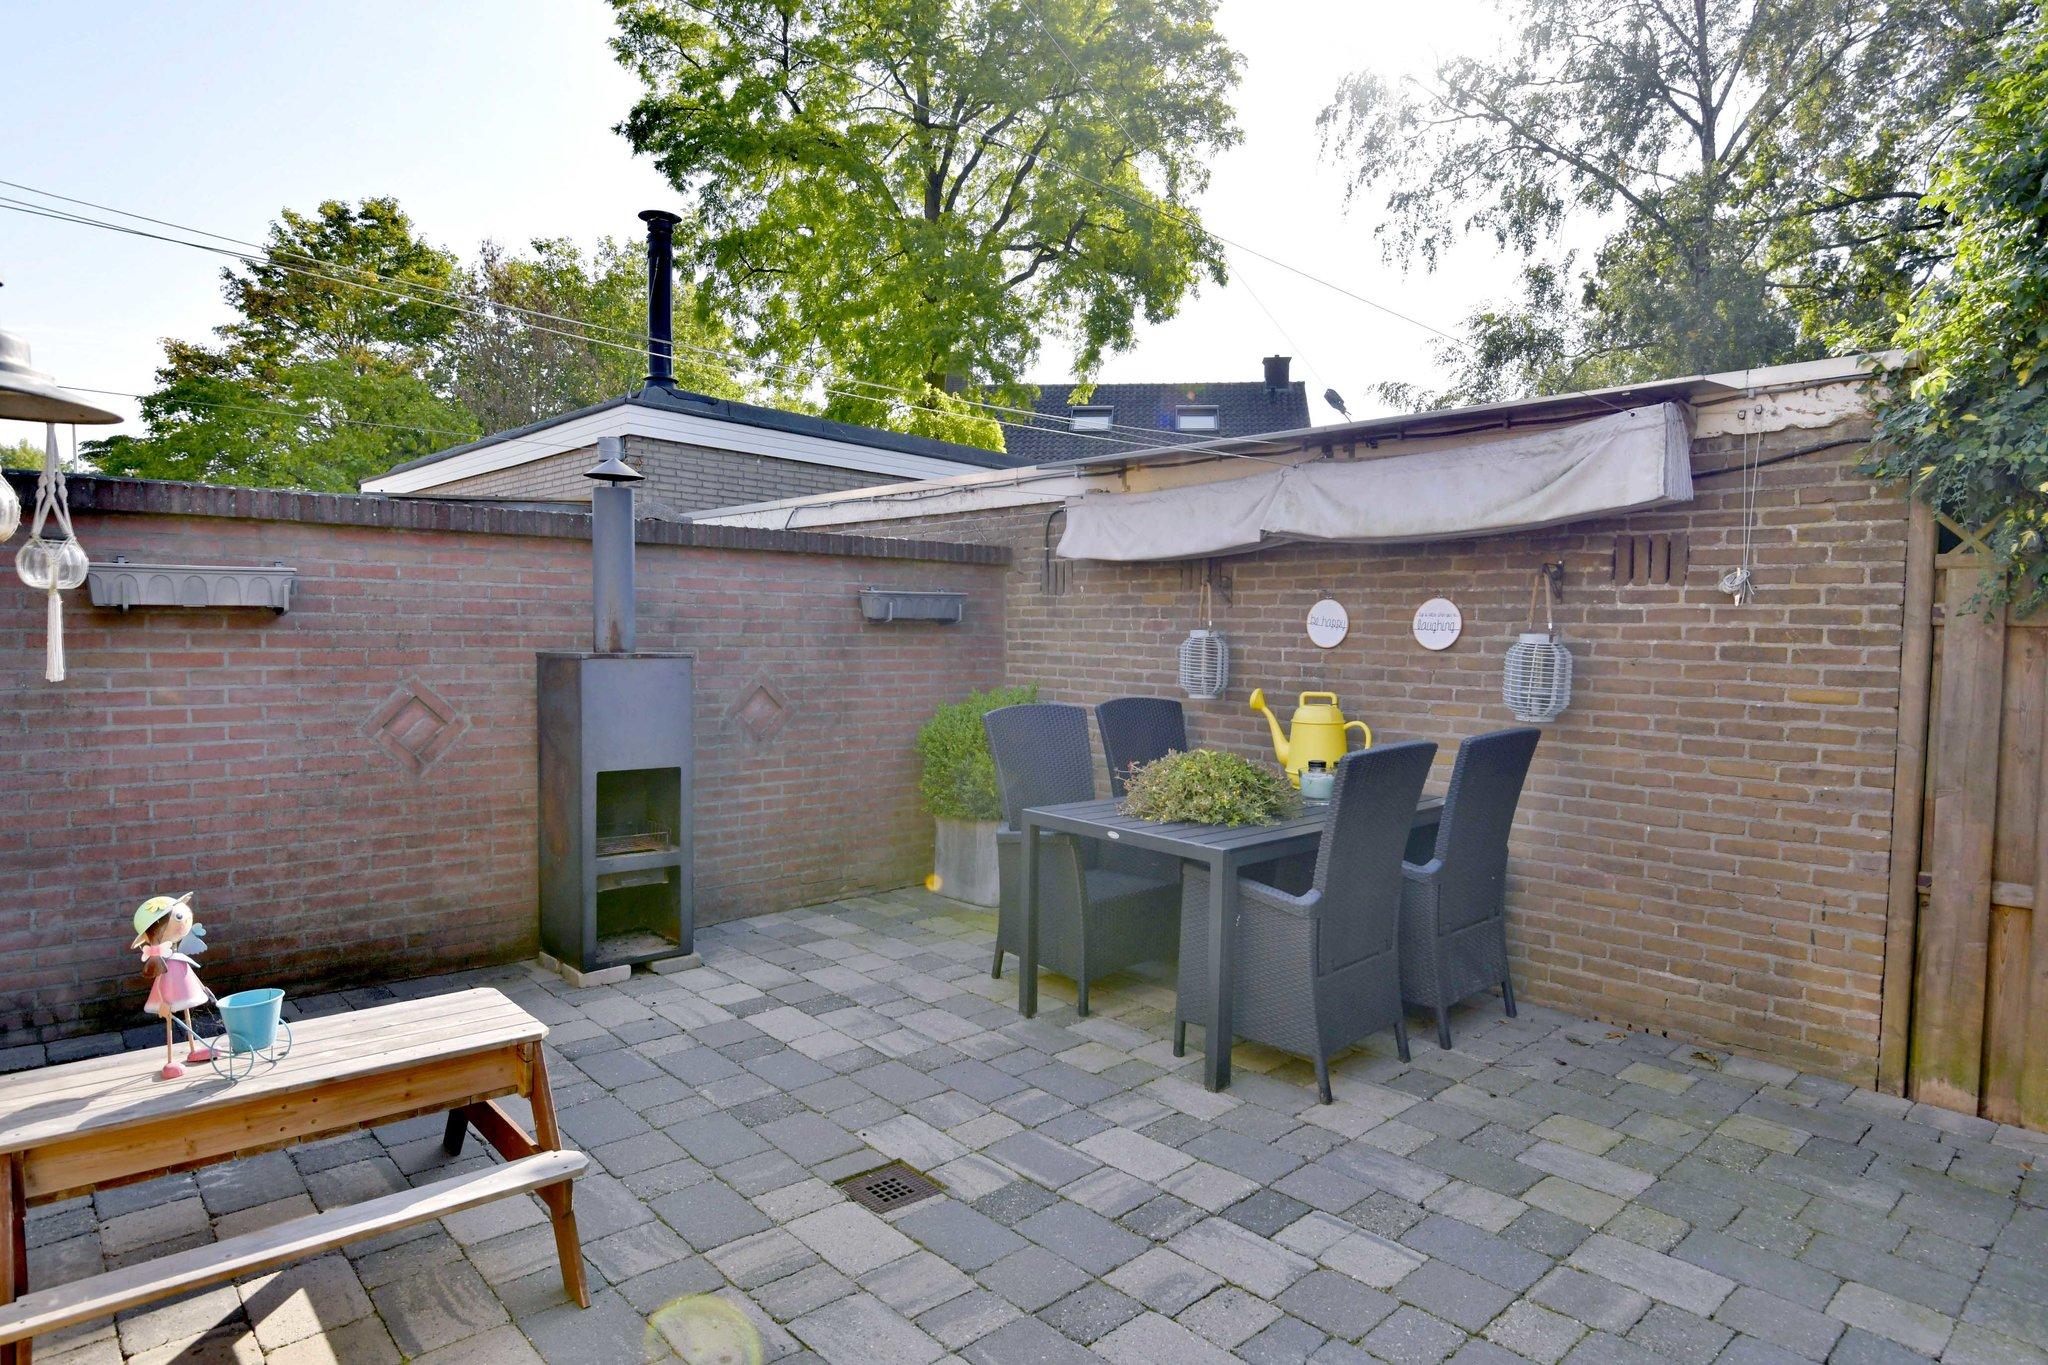 olst-watertorenstraat-4158137-foto-28.jpg